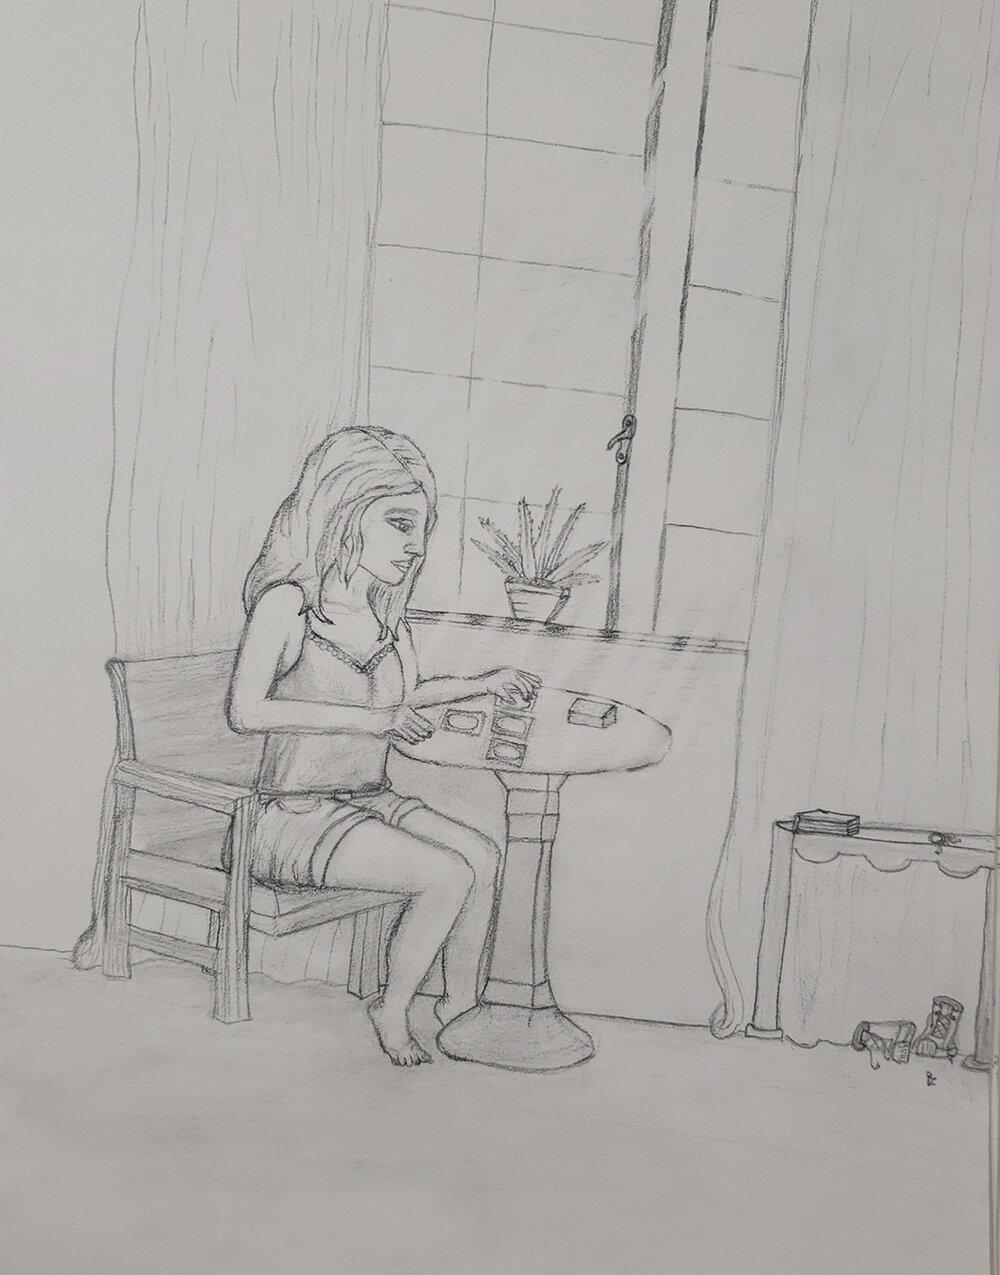 Tarot Reading - iz_lasvegas